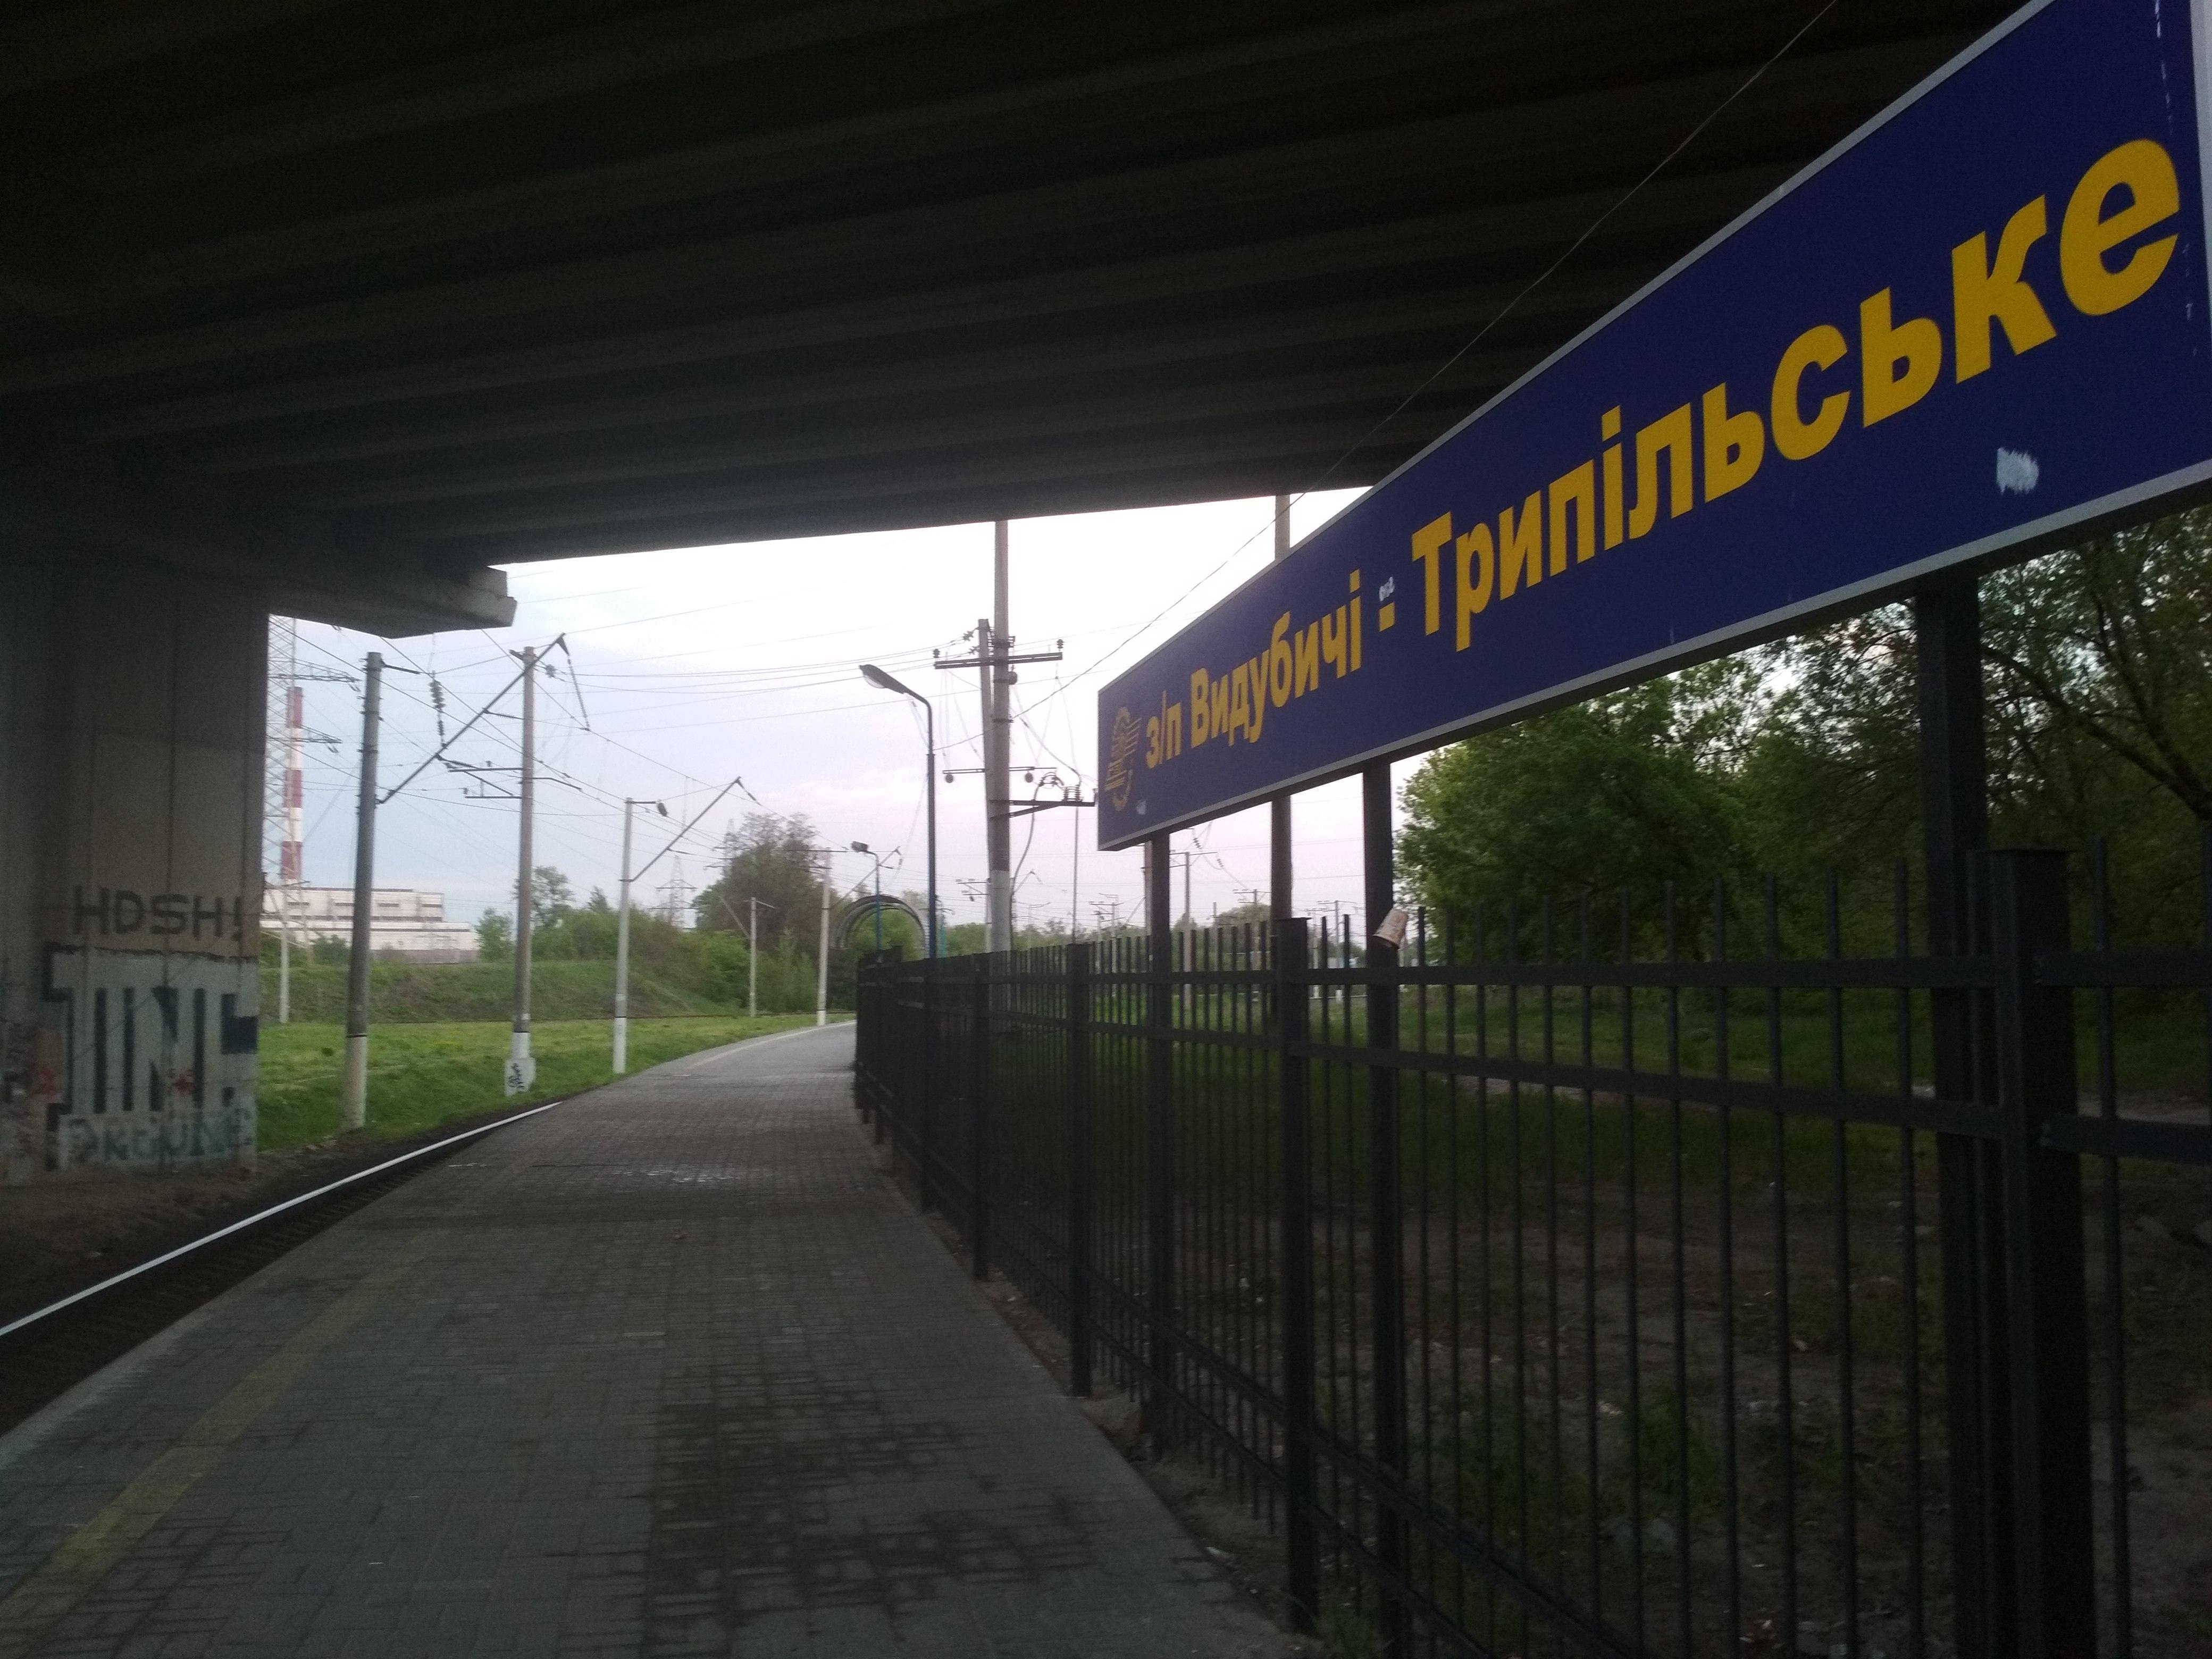 Платформа «Выдубичи-Трипольские»: единственная и на кривой